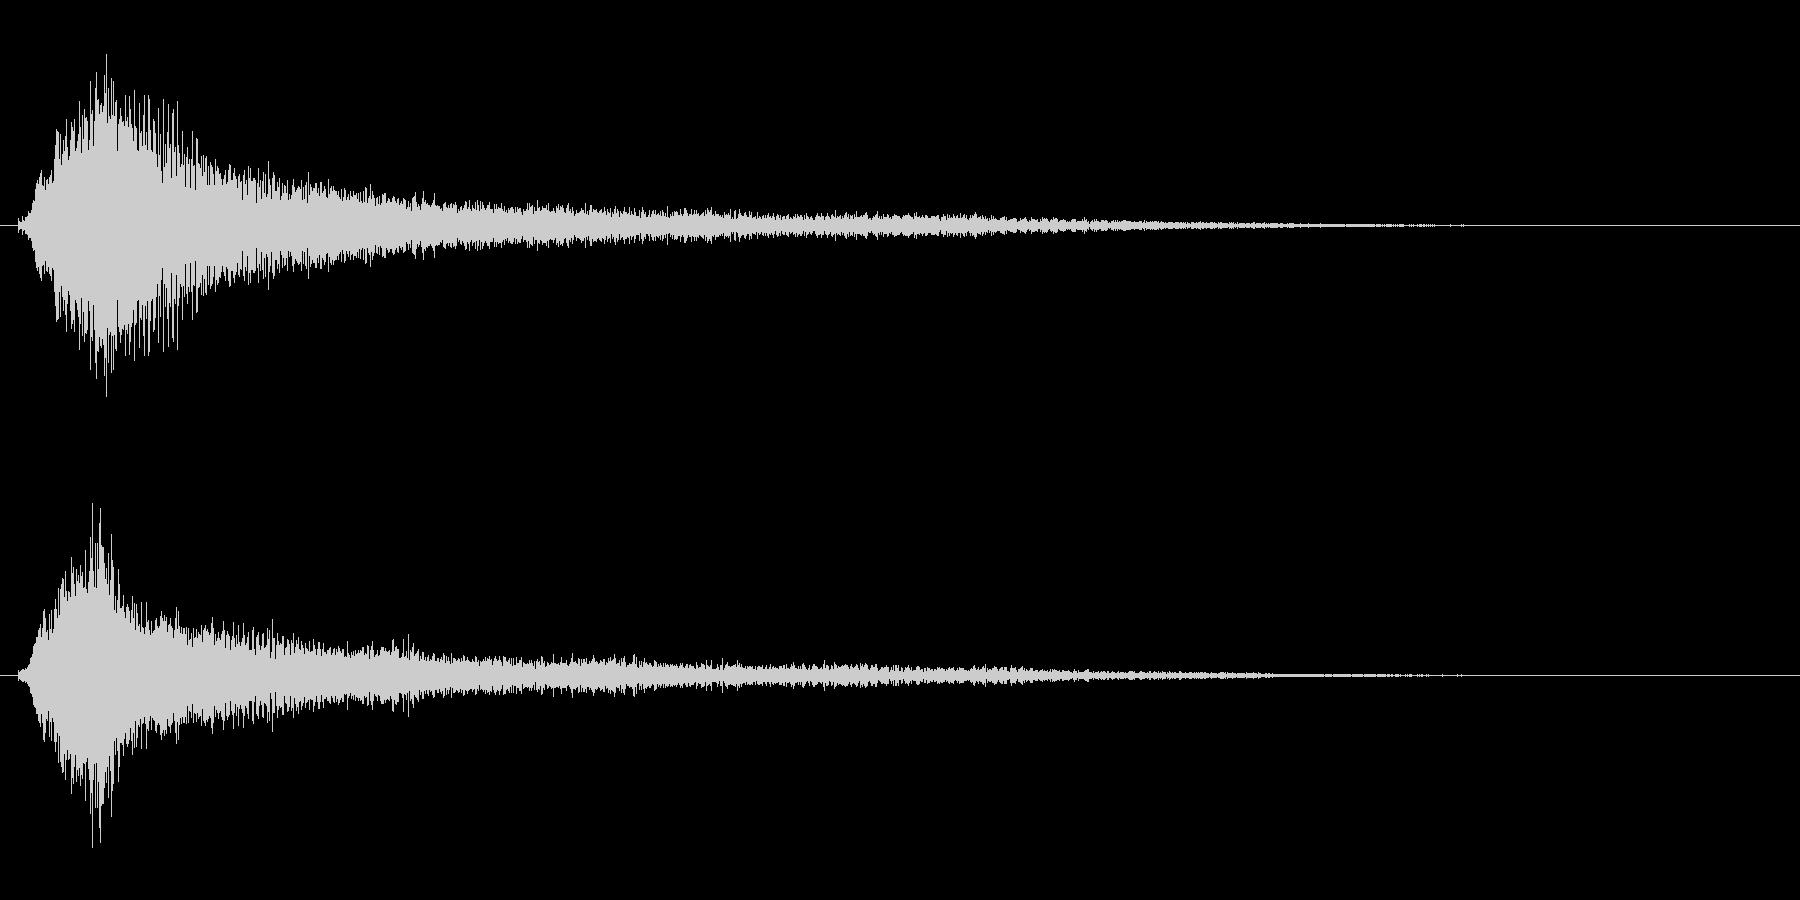 サスペンスに最適!ピアノの弦を弄ぶ音31の未再生の波形